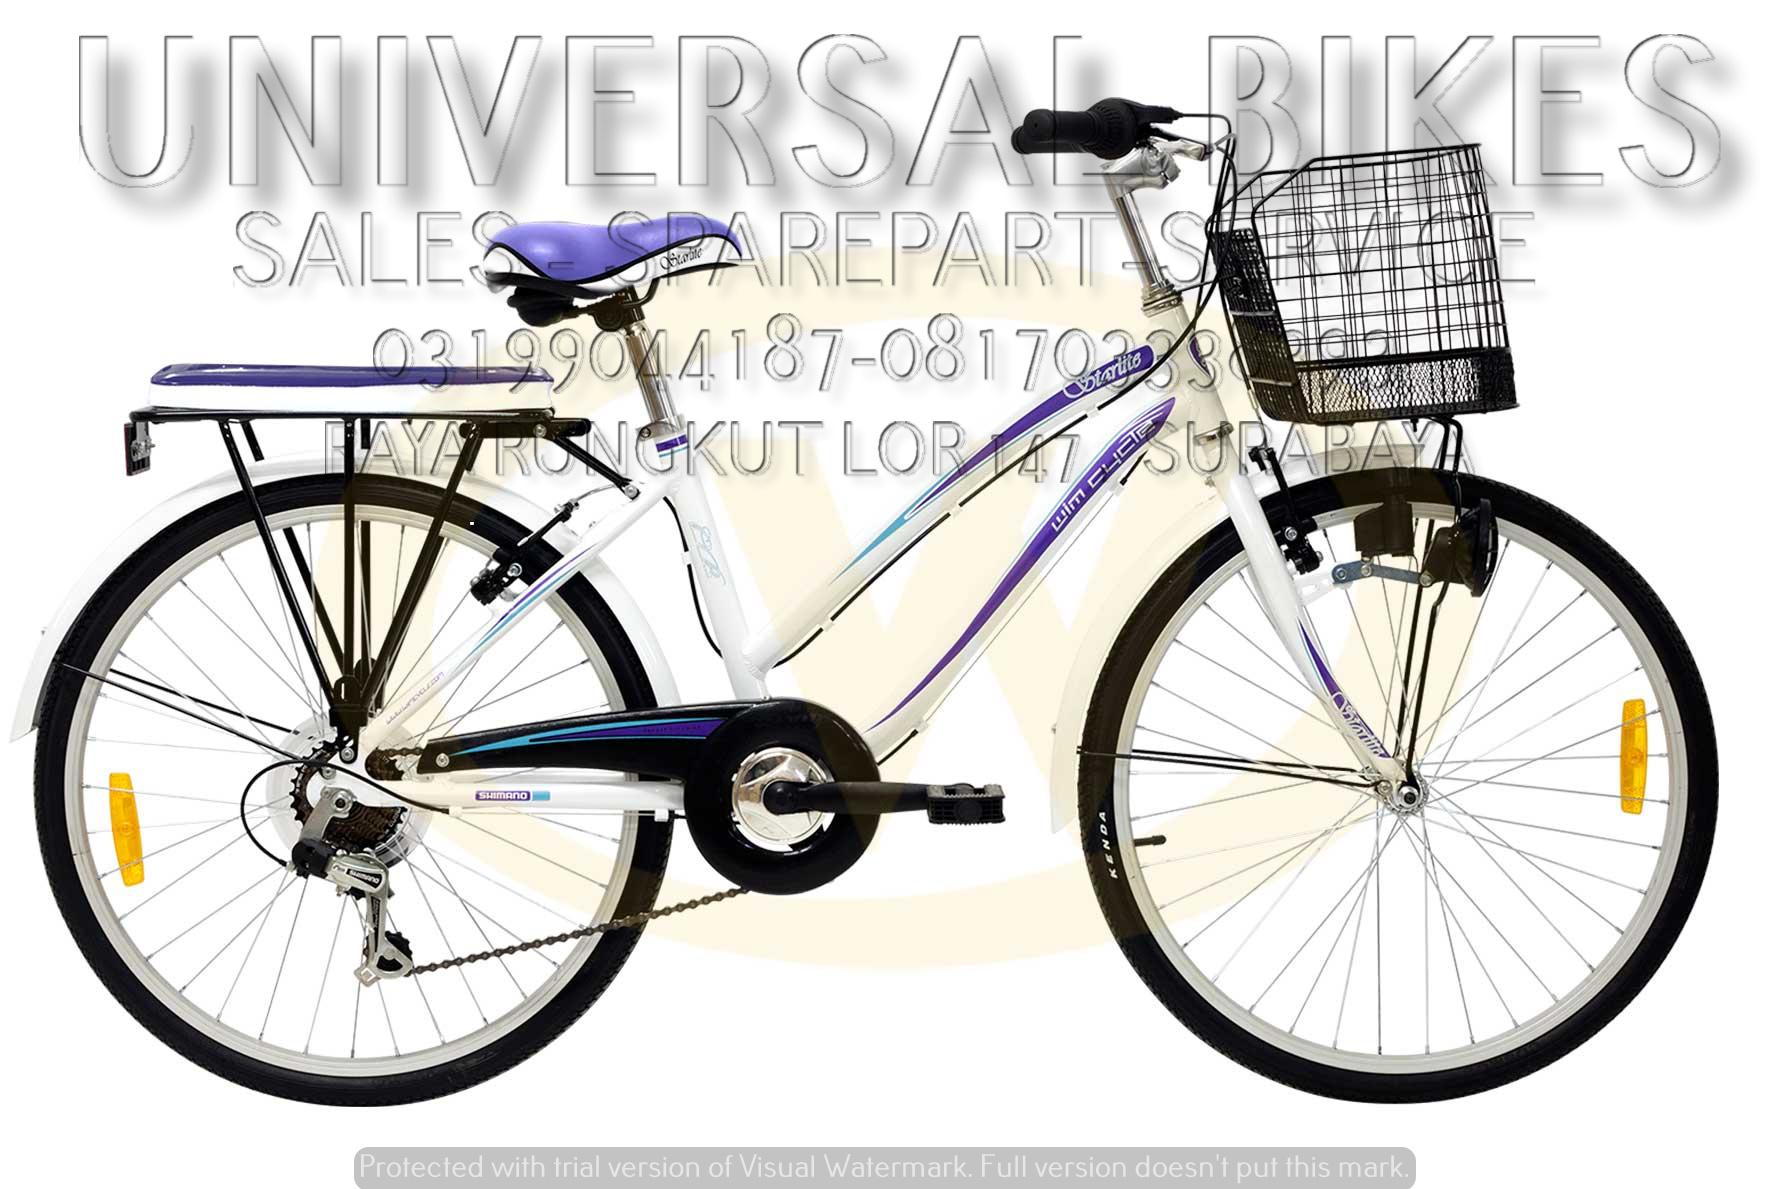 harga sepeda mini wimcycle surabaya 081703338393 grosir